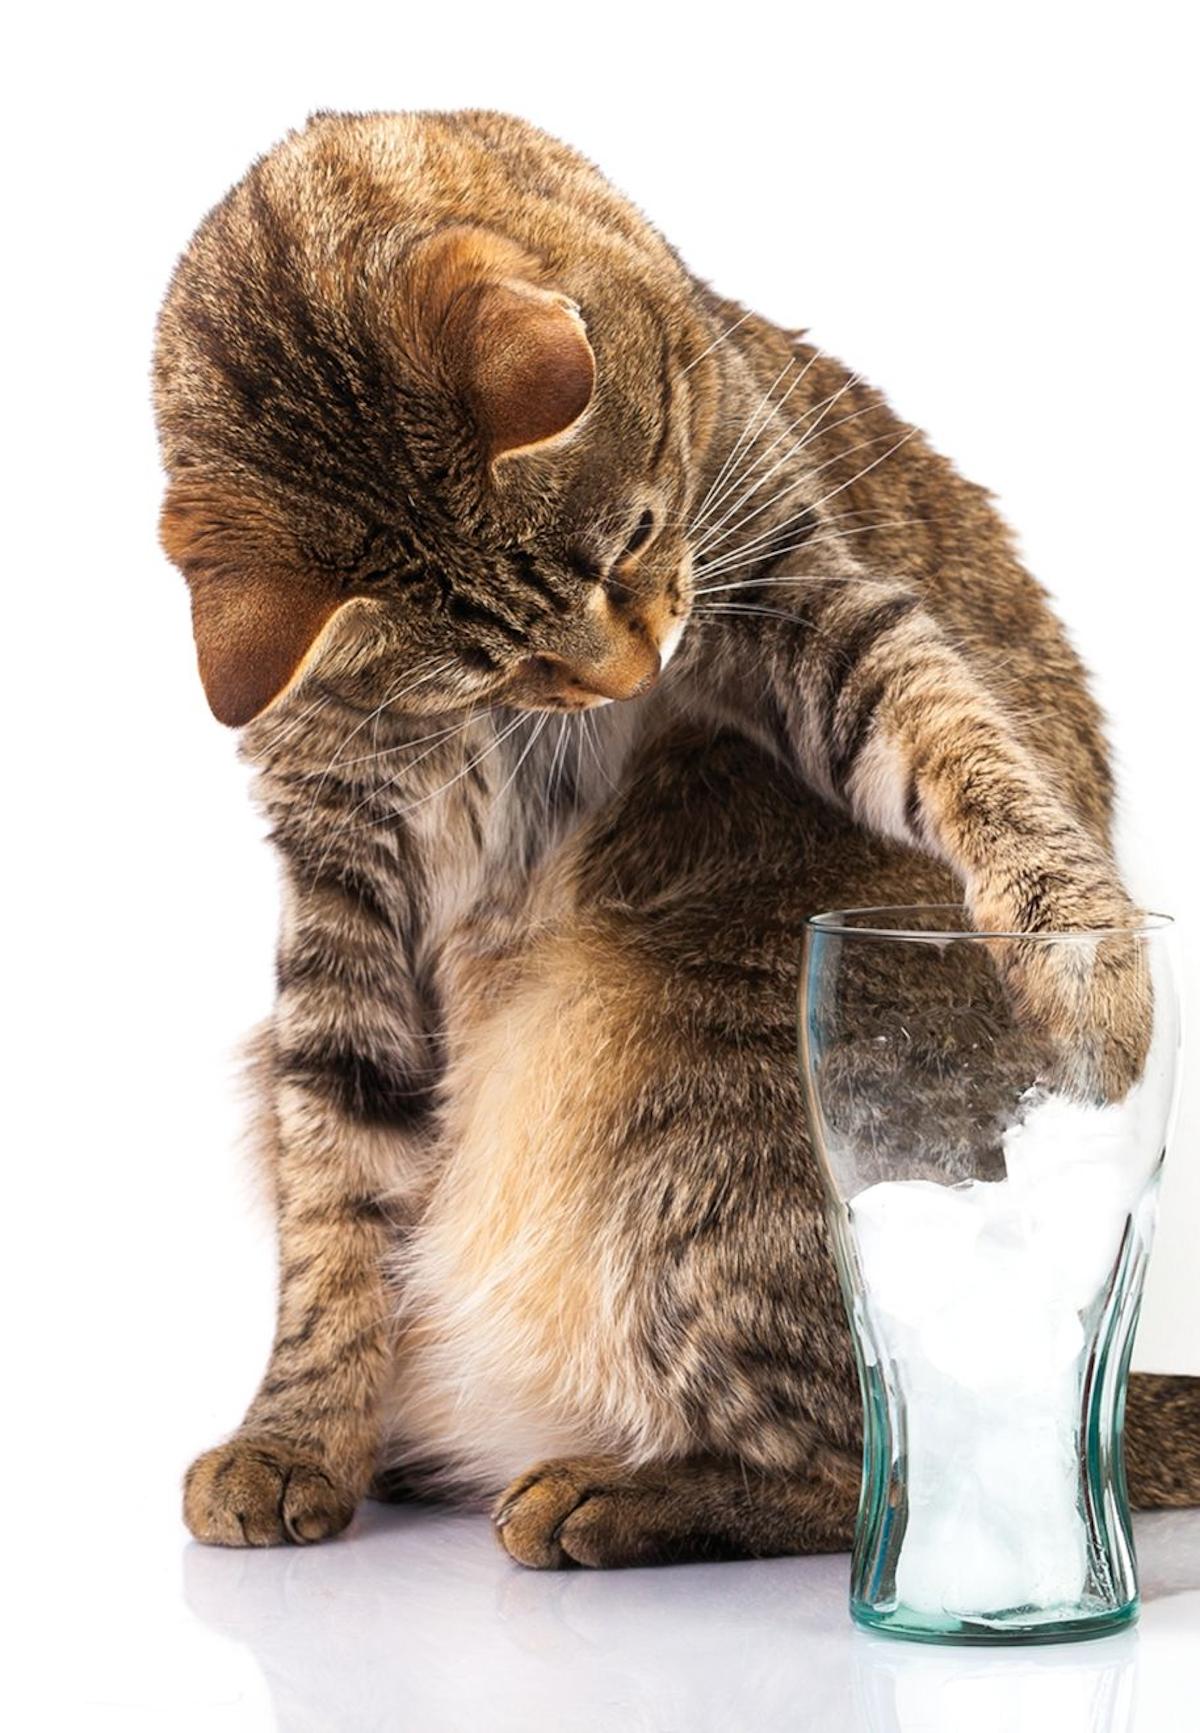 Los gatos se pueden entretener jugando con el agua ofrecida de una forma diferente como, por ejemplo, en cubitos de hielo, lo que además favorece la ingesta de agua.